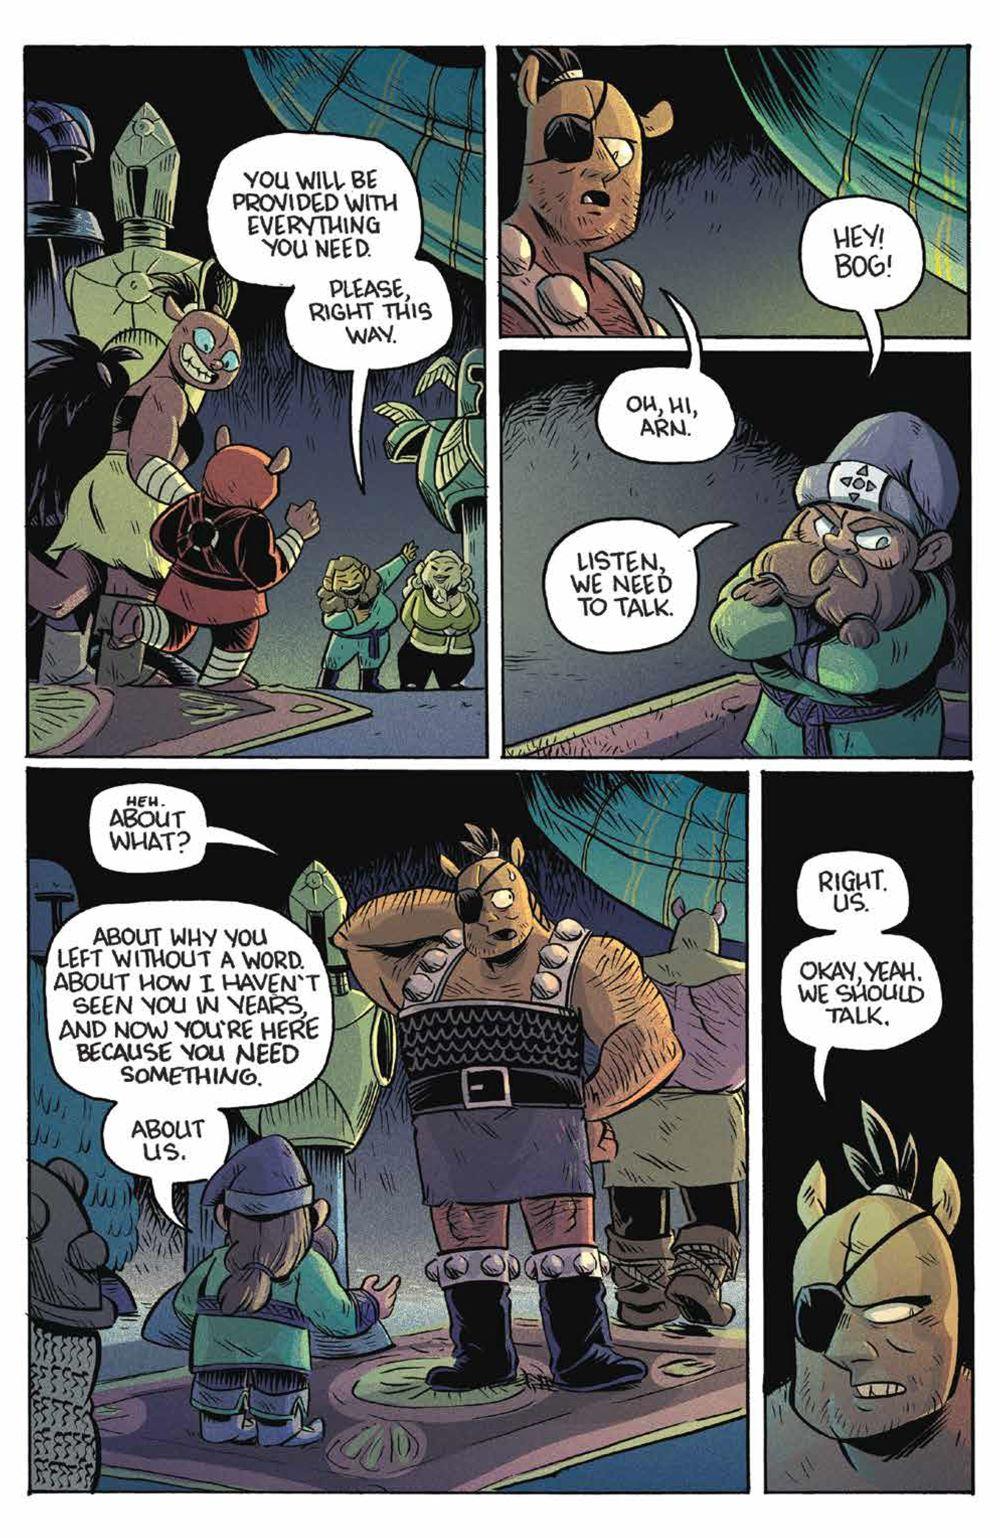 Orcs_005_PRESS_6 ComicList Previews: ORCS #5 (OF 6)